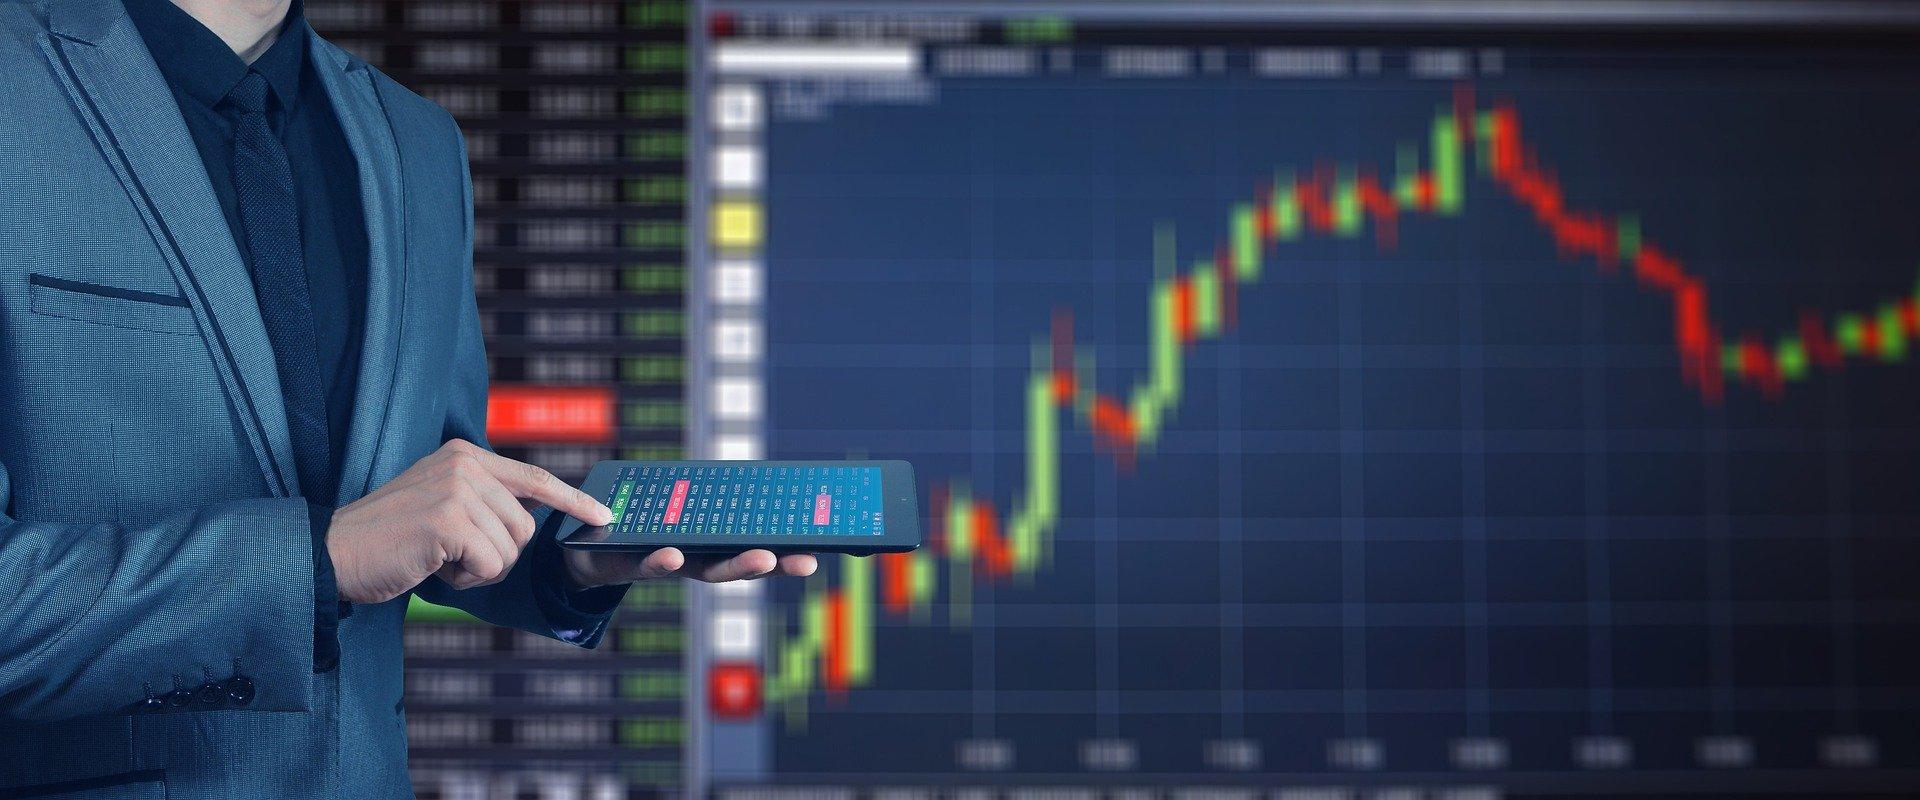 投資と投機の違い1